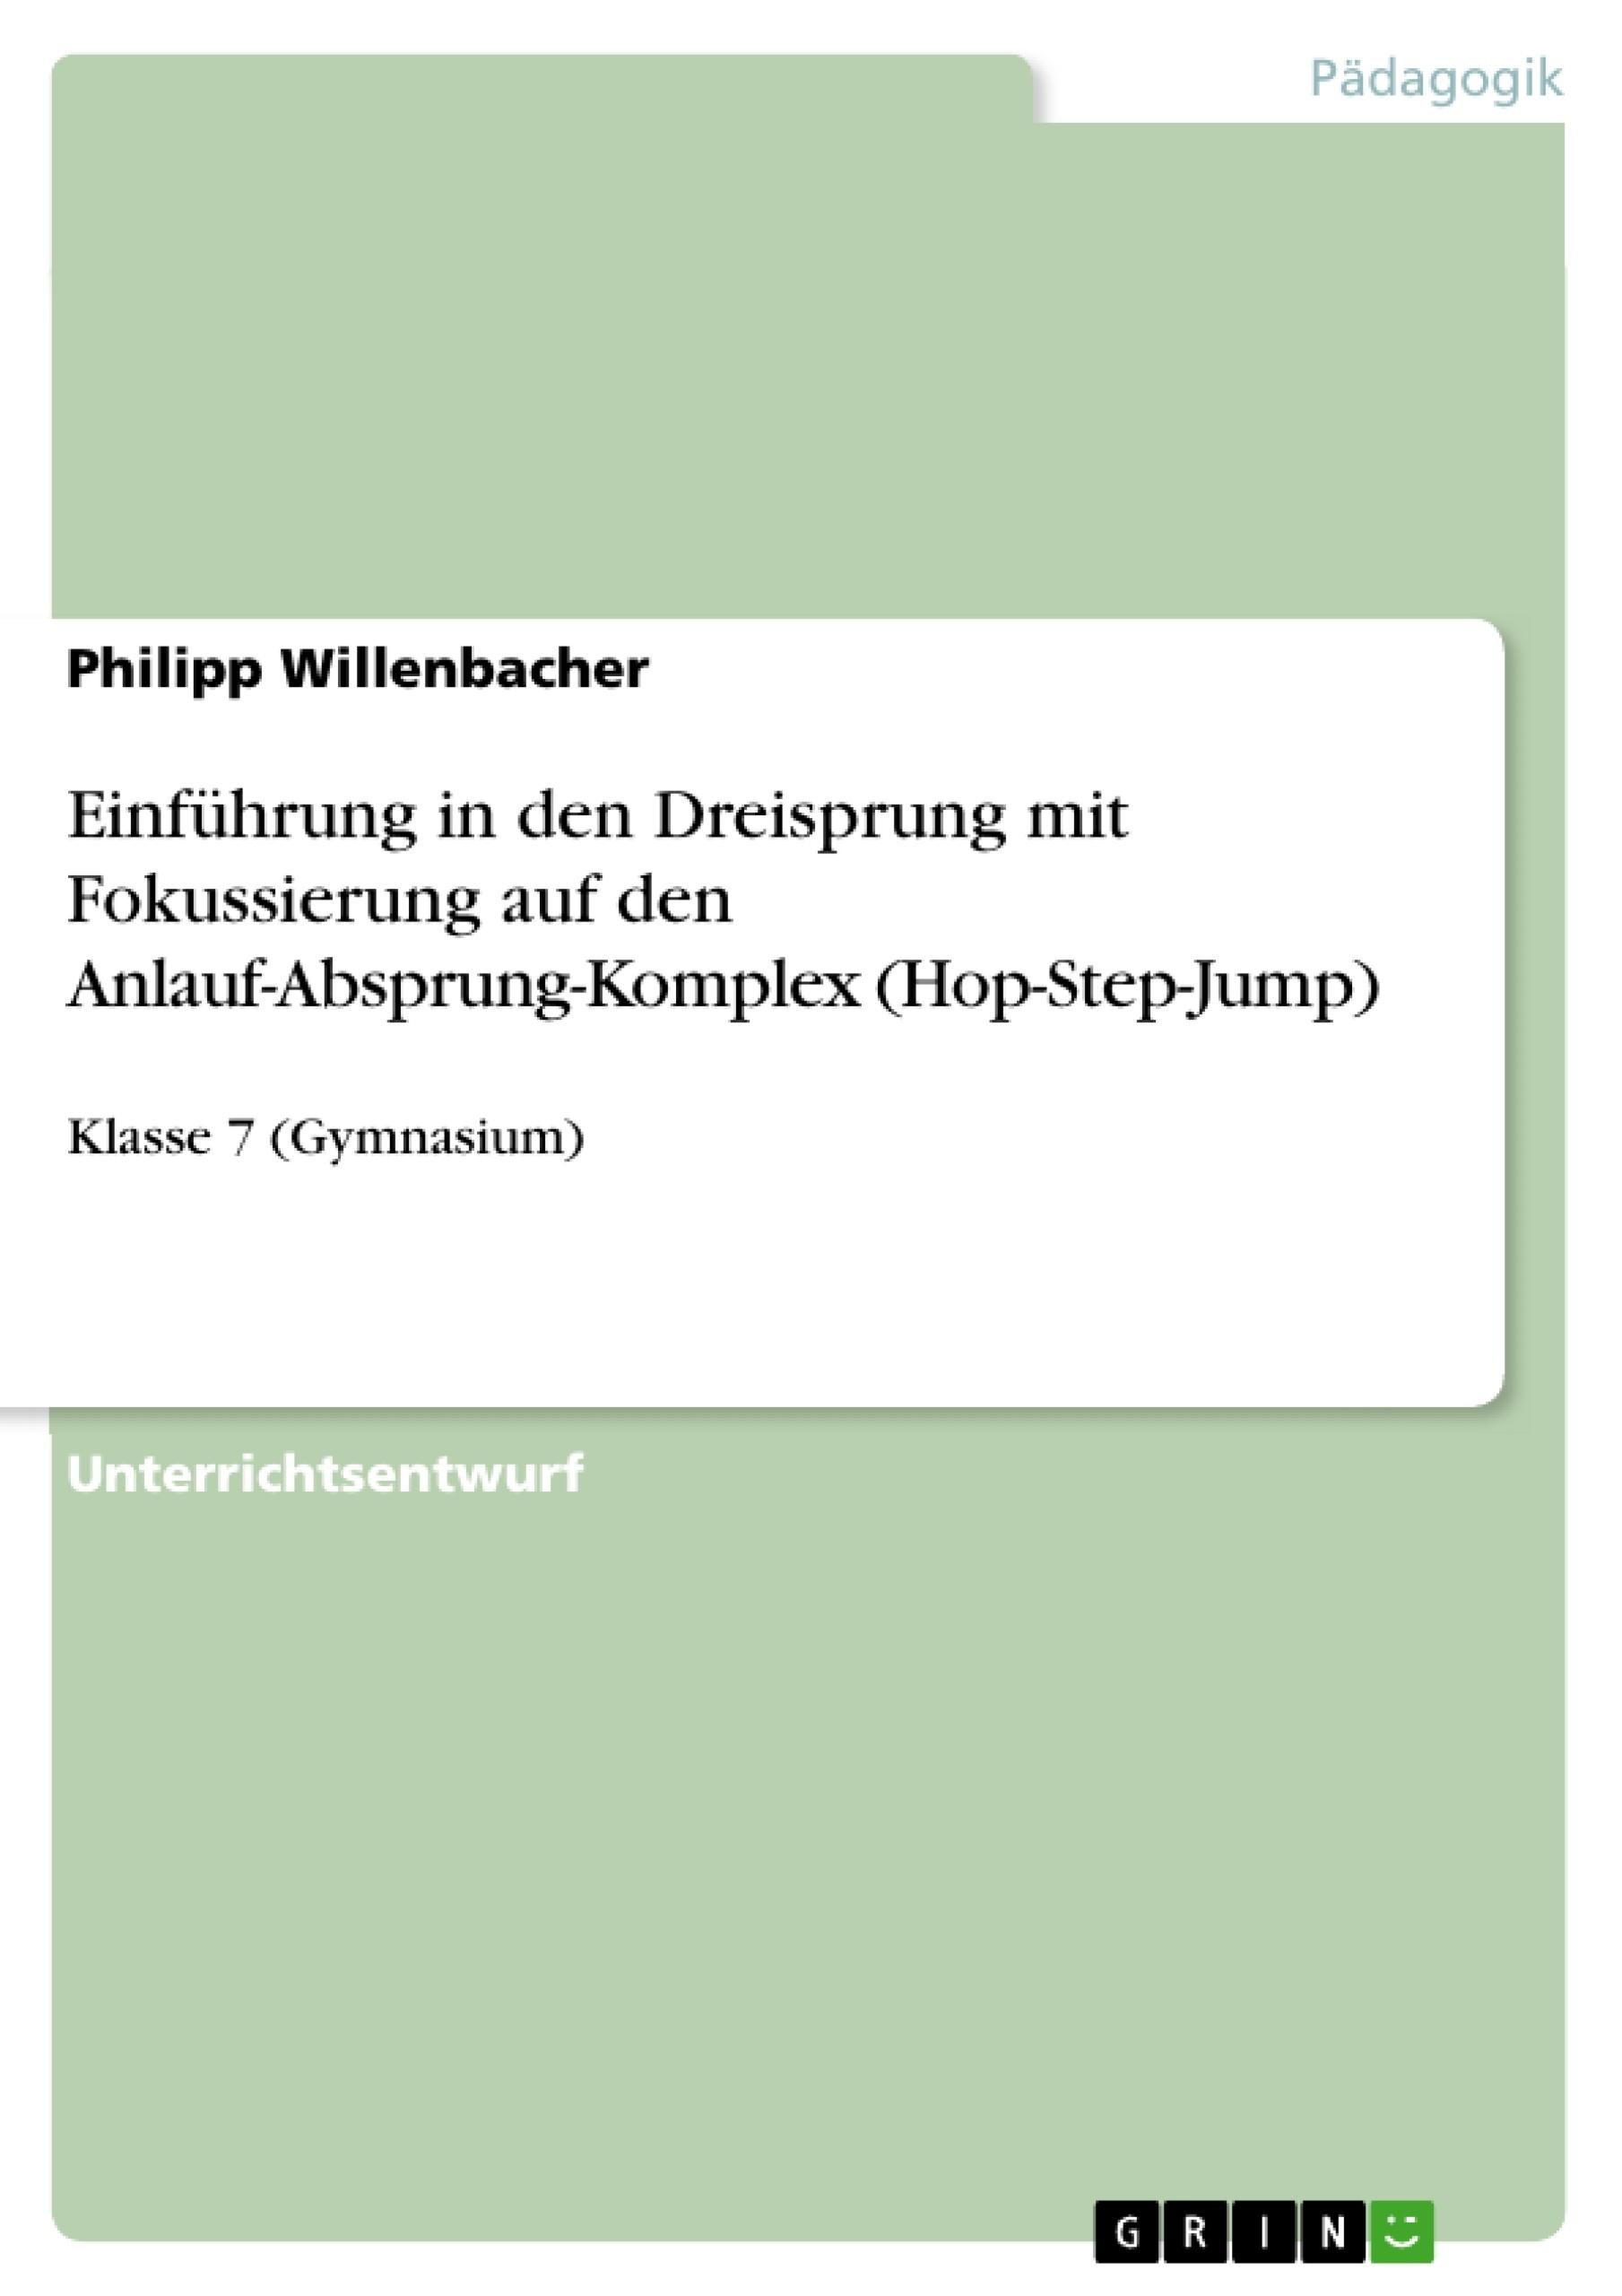 Titel: Einführung in den Dreisprung mit Fokussierung auf den Anlauf-Absprung-Komplex (Hop-Step-Jump)